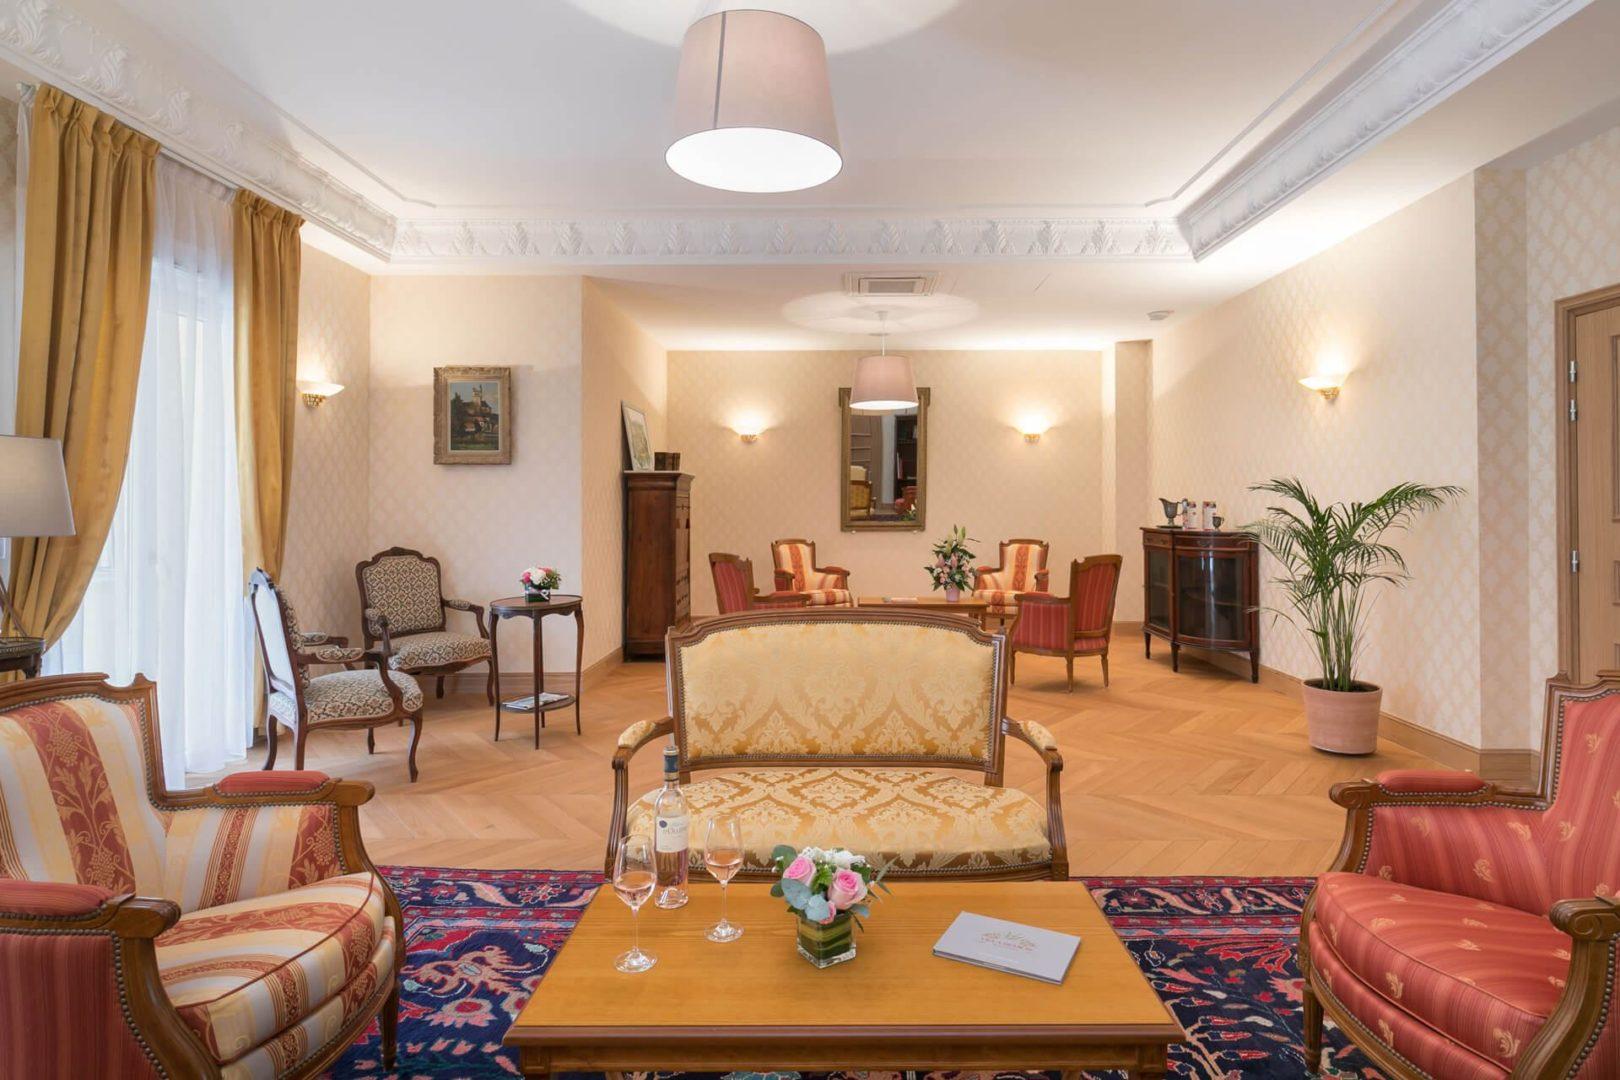 salon de Résidence senior Puteaux